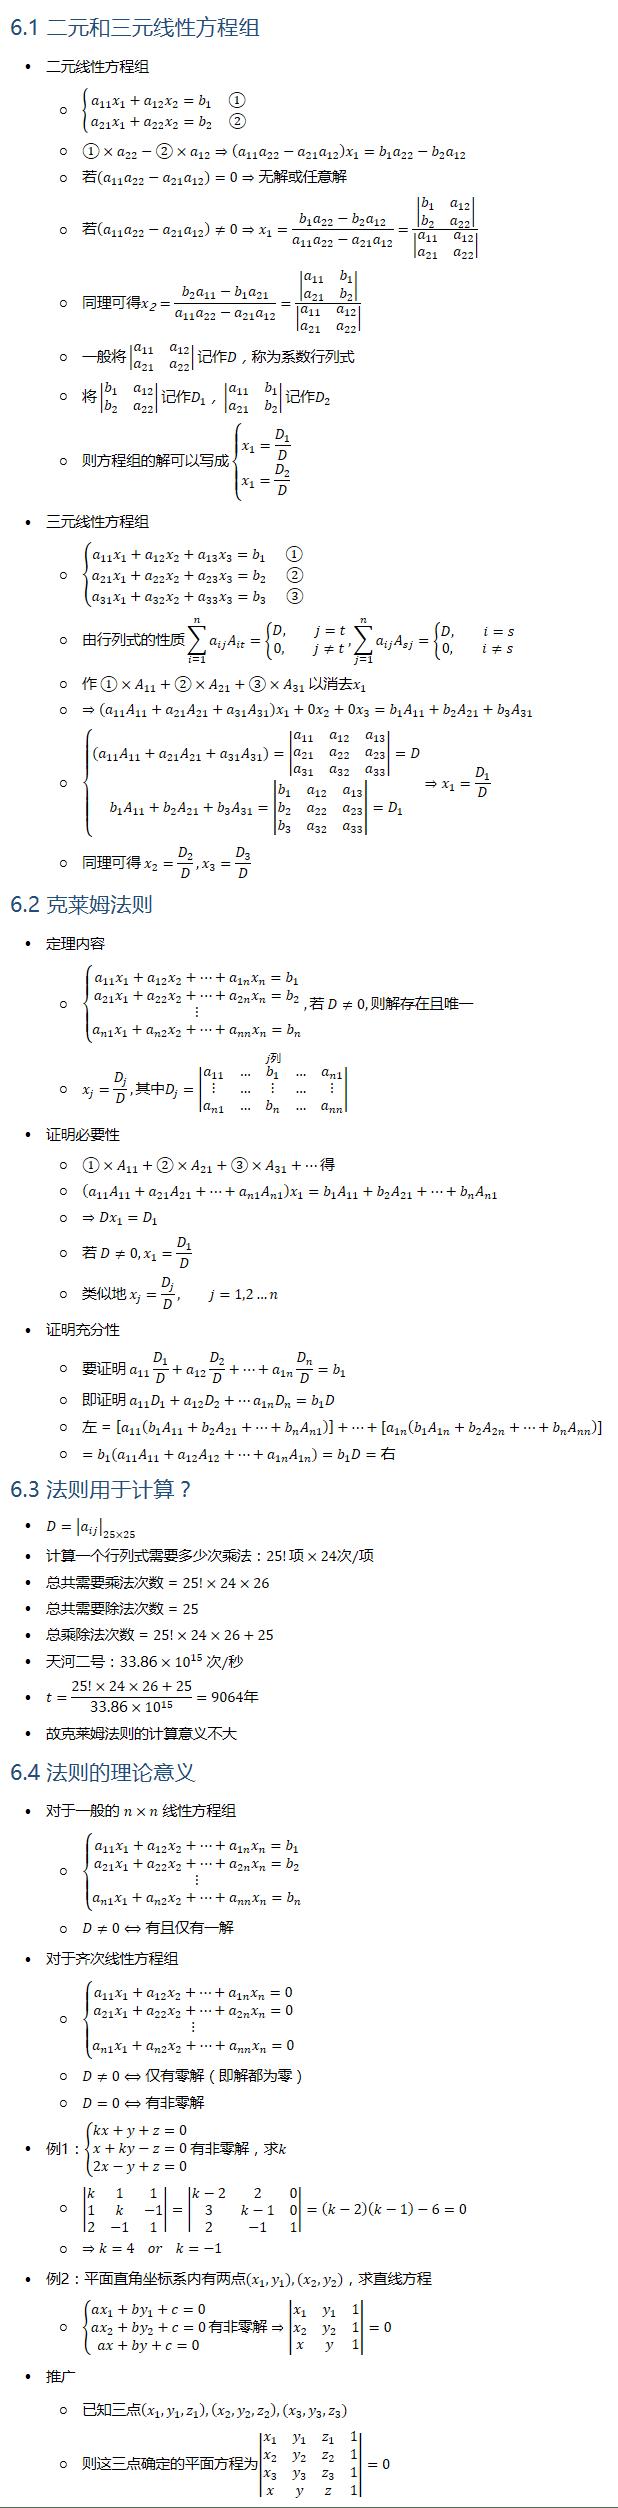 6.1 二元和三元线性方程组 • 二元线性方程组 ○ {█( a_11 x_1+a_12 x_2=b_1 ① @a_21 x_1+a_22 x_2=b_2 ②)┤ ○ ①×a_22−②×a_12⇒(a_11 a_22−a_21 a_12 ) x_1=b_1 a_22−b_2 a_12 ○ 若(a_11 a_22−a_21 a_12 )=0⇒无解或任意解 ○ 若(a_11 a_22−a_21 a_12 )≠0⇒x_1=(b_1 a_22−b_2 a_12)/(a_11 a_22−a_21 a_12 )=|■8(b_1&a_12@b_2&a_22 )|/|■8(a_11&a_12@a_21&a_22 )| ○ 同理可得x_2=(b_2 a_11−b_1 a_21)/(a_11 a_22−a_21 a_12 )=|■8(a_11&b_1@a_21&b_2 )|/|■8(a_11&a_12@a_21&a_22 )| ○ 一般将|■8(a_11&a_12@a_21&a_22 )|记作D ○ 将|■8(b_1&a_12@b_2&a_22 )|记作D_1,|■8(a_11&b_1@a_21&b_2 )|记作D_2 ○ 则方程组的解可以写成{█(x_1=D_1/D@x_1=D_2/D)┤ • 三元线性方程组 ○ {█(a_11 x_1+a_12 x_2+a_13 x_3=b_1 ①@a_21 x_1+a_22 x_2+a_23 x_3=b_2 ②@a_31 x_1+a_32 x_2+a_33 x_3=b_3 ③)┤ ○ 由行列式的性质∑_(i=1)^n▒〖a_ij A_it 〗={█(D, j=t@0, j≠t)┤,∑_(j=1)^n▒〖a_ij A_sj 〗={█(D, i=s@0, i≠s)┤ ○ 作 ①×A_11+②×A_21+③×A_31 以消去x_1 ○ ⇒(a_11 A_11+a_21 A_21+a_31 A_31 ) x_1+0x_2+0x_3=b_1 A_11+b_2 A_21+b_3 A_31 ○ {█((a_11 A_11+a_21 A_21+a_31 A_31 )=|■8(a_11&a_12&a_13@a_21&a_22&a_23@a_31&a_32&a_33 )|=D@b_1 A_11+b_2 A_21+b_3 A_31=|■8(b_1&a_12&a_13@b_2&a_22&a_23@b_3&a_32&a_33 )|=D_1 )┤⇒x_1=D_1/D ○ 同理可得 x_2=D_2/D,x_3=D_3/D 6.2 克莱姆法则 • 定理内容 ○ {█(a_11 x_1+a_12 x_2+…+a_1n x_n=b_1@a_21 x_1+a_22 x_2+…+a_2n x_n=b_2@⋮@a_n1 x_1+a_n2 x_2+…+a_nn x_n=b_n )┤,若 D≠0, 则解存在且唯一 ○ x_j=D_j/D, 其中D_j=|■8(a_11&…&b_1&…&a_n1@⋮&…&⋮&…&⋮@a_n1&…&b_n&…&a_nn )|┴j列 • 证明必要性 ○ ①×A_11+②×A_21+③×A_31+…得 ○ (a_11 A_11+a_21 A_21+…+a_n1 A_n1 ) x_1=b_1 A_11+b_2 A_21+…+b_n A_n1 ○ ⇒〖Dx〗_1=D_1 ○ 若 D≠0, x_1=D_1/D ○ 类似地 x_j=D_j/D, j=1,2…n • 证明充分性 ○ 要证明 a_11 D_1/D+a_12 D_2/D+…+a_1n D_n/D=b_1 ○ 即证明 a_11 D_1+a_12 D_2+…a_1n D_n=b_1 D ○ 左=[a_11 (b_1 A_11+b_2 A_21+…+b_n A_n1 )]+…+[a_1n (b_1 A_1n+b_2 A_2n+…+b_n A_nn )] ○ =b_1 (a_11 A_11+a_12 A_12+…+a_1n A_1n)=b_1 D=右 6.3 法则用于计算? • D=|a_ij |_(25×25) • 计算一个行列式需要多少次乘法: • 总共需要乘法次数= • 总共需要除法次数=25 • 总乘除法次数=25!×24×26+25 • 天河二号:33.86×〖10〗^15 次/秒 • t=(25!×24×26+25)/(33.86×〖10〗^15 )=9064年 • 故克莱姆法则的计算意义不大 6.4 法则的理论意义 • 对于一般的 n×n 线性方程组 ○ {█(a_11 x_1+a_12 x_2+…+a_1n x_n=b_1@a_21 x_1+a_22 x_2+…+a_2n x_n=b_2@⋮@a_n1 x_1+a_n2 x_2+…+a_nn x_n=b_n )┤ ○